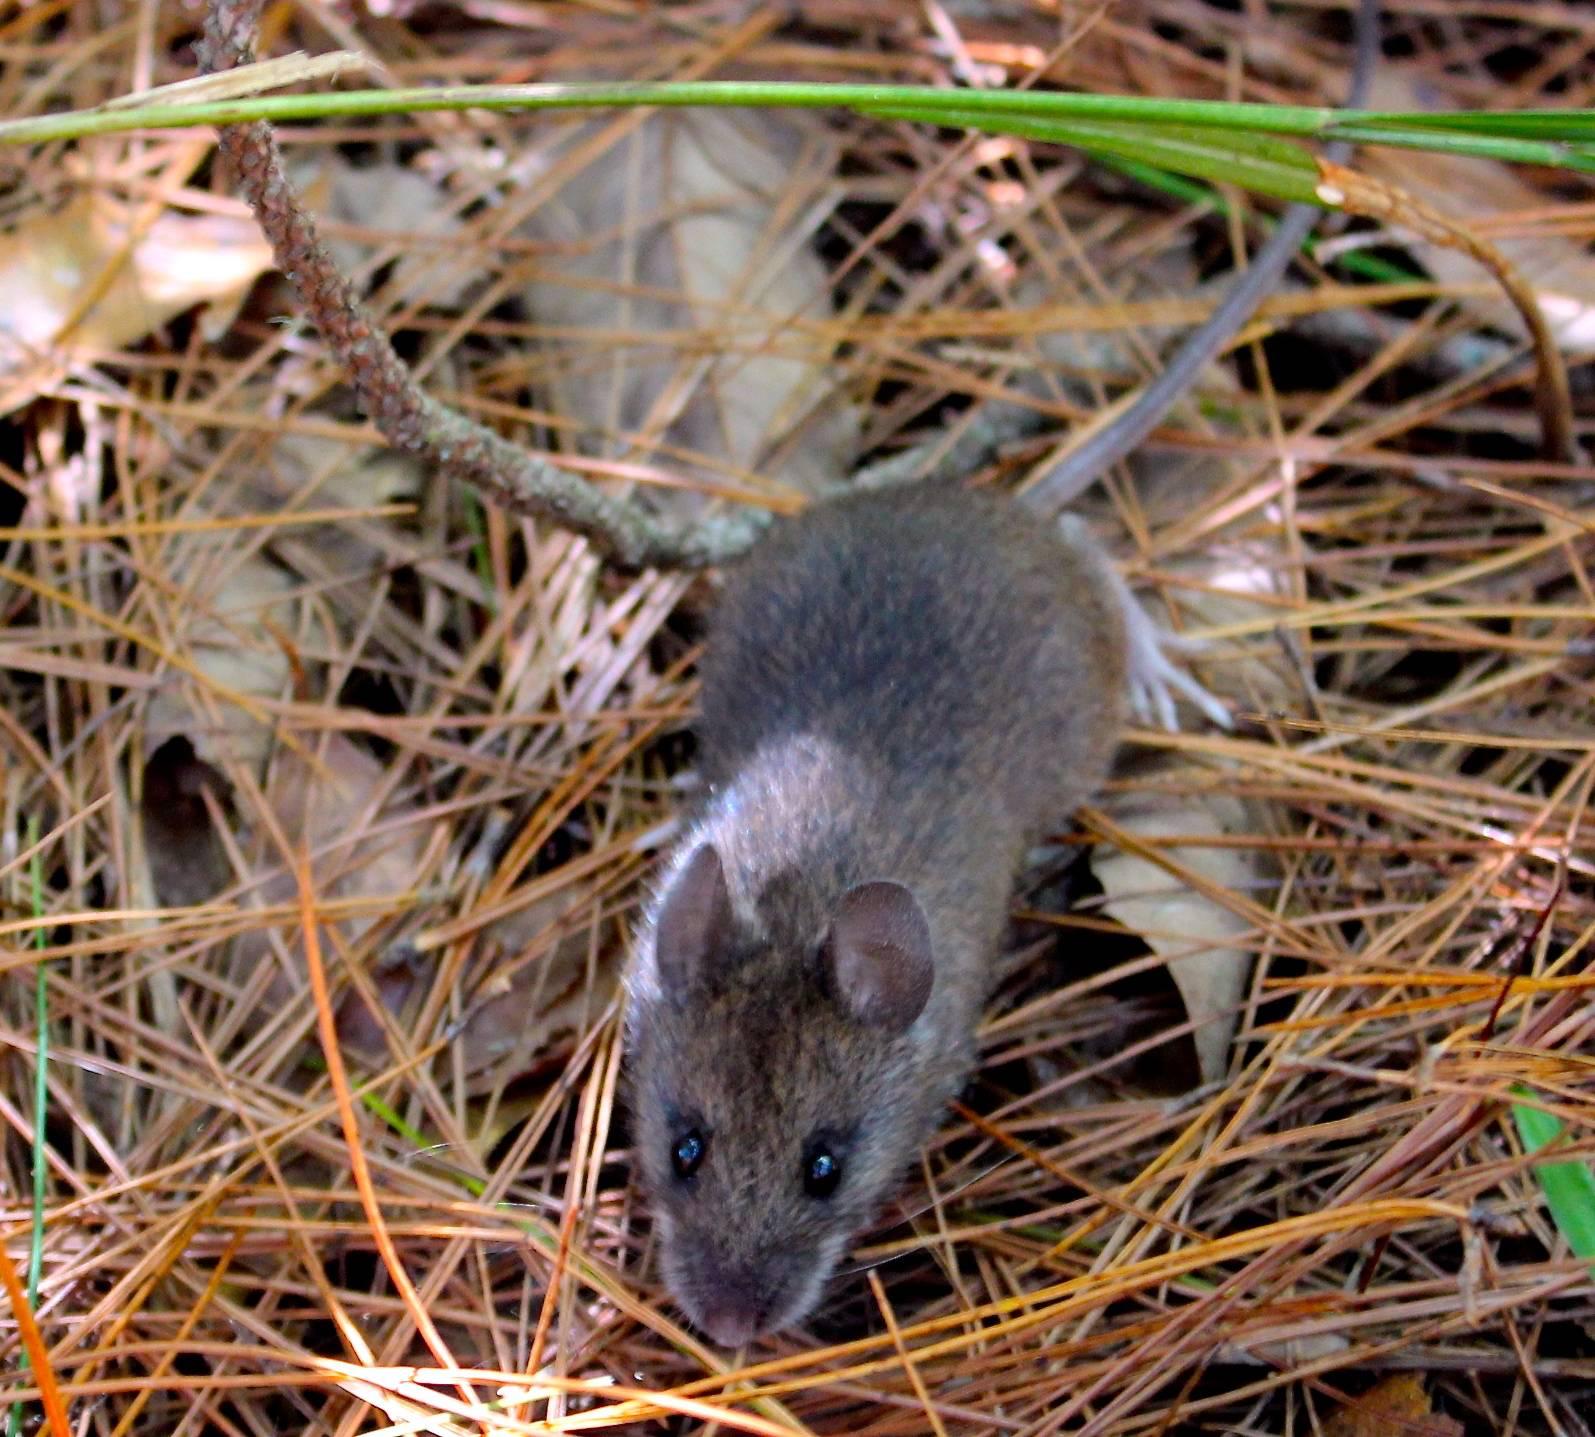 Изучение видов полевки: подземная, бразильская, темная, узкочерепная и плоскочерепная